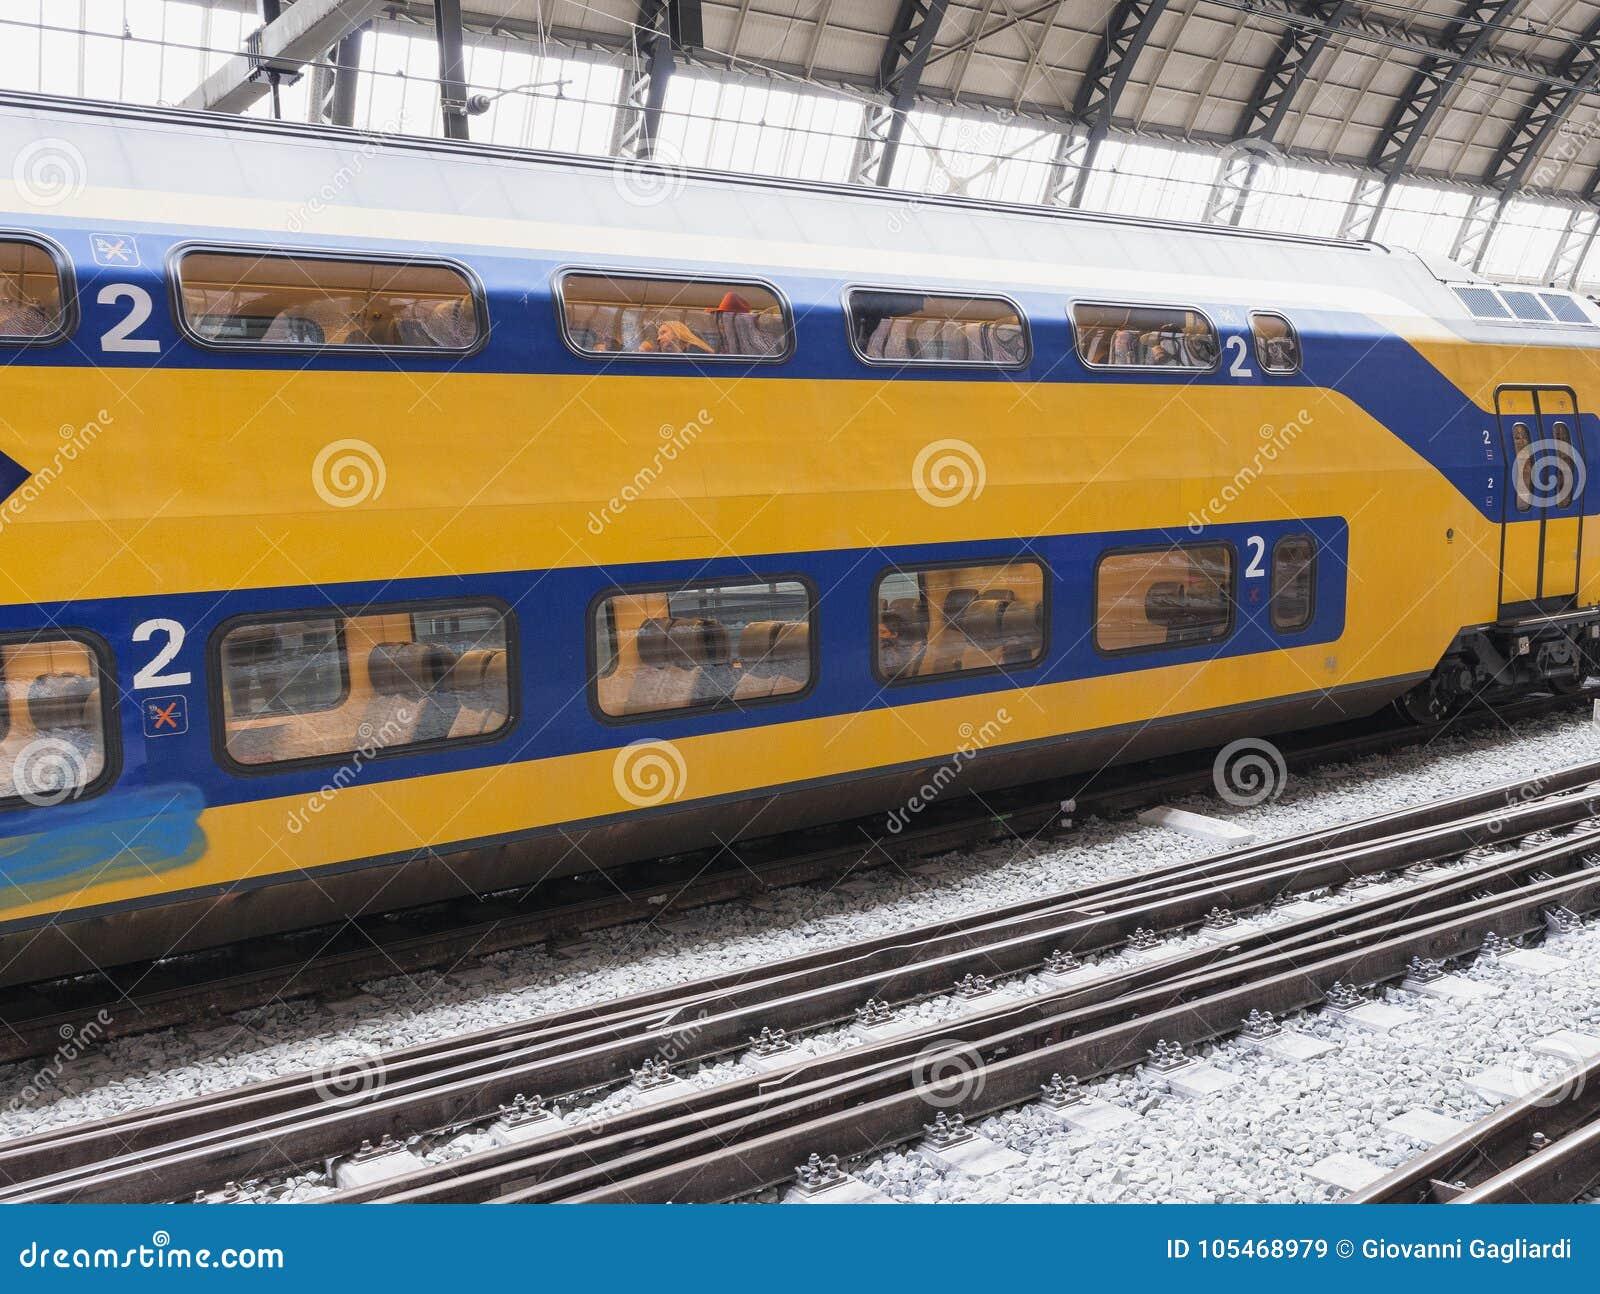 ΑΜΣΤΕΡΝΤΑΜ - ΤΟ ΜΆΡΤΙΟ ΤΟΥ 2013: Τραίνο στον κύριο σταθμό Άμστερνταμ Centraa